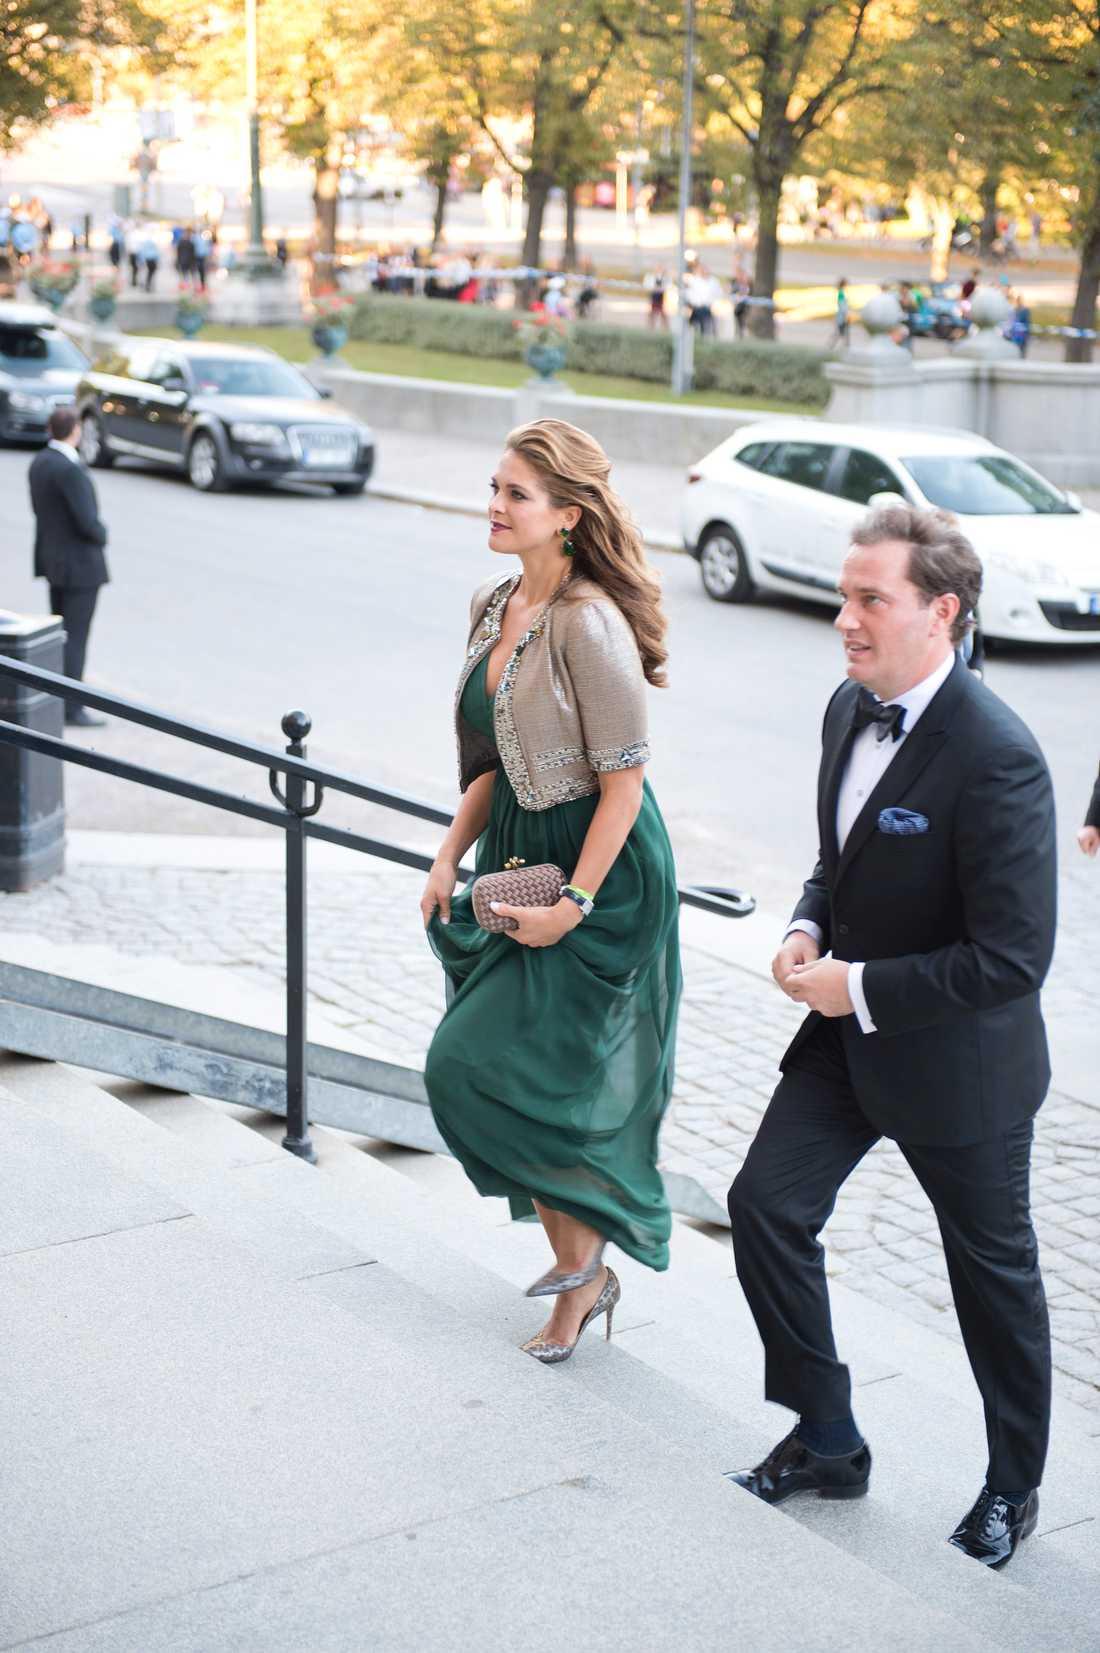 Kungen 40 år på tronen Madeleine och Chris är i Stockholm och på väg in på Nordiska museet den 14 september där regeringen bjöd kungafamiljen på middag för att fira kungens 40 år på tronen.